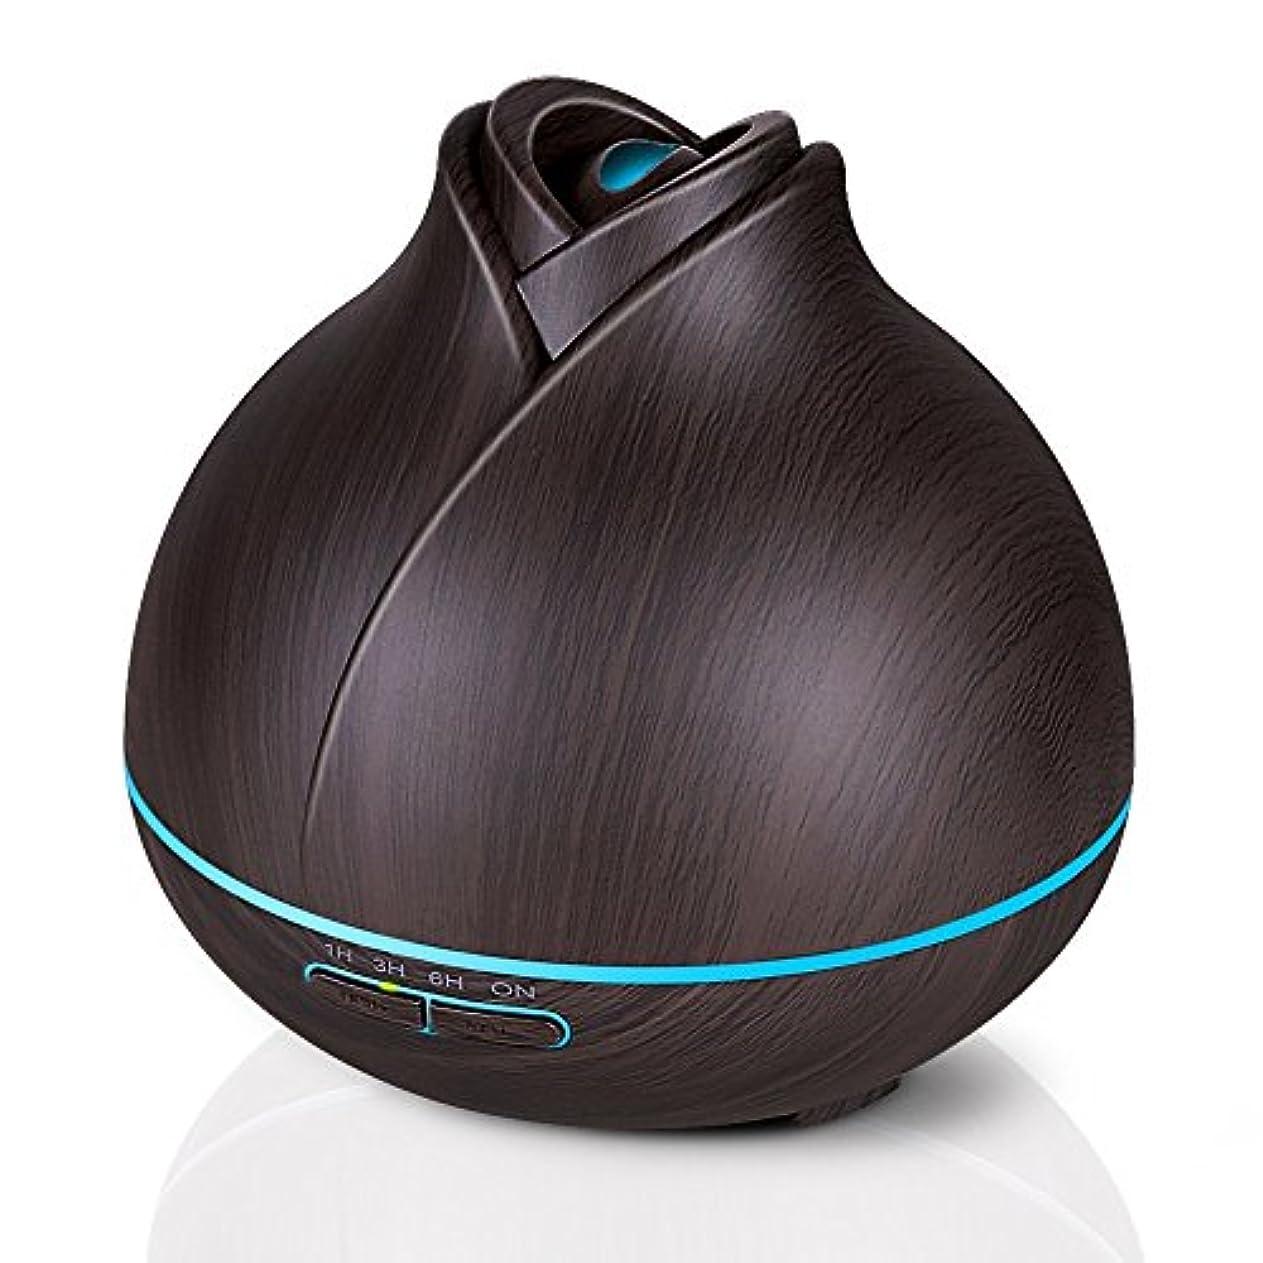 苦難ネット重量エッセンシャルオイルディフューザー、400ミリリットル電気超音波クールミスト加湿器アロマディフューザー、7色LEDライト付き空気清浄機